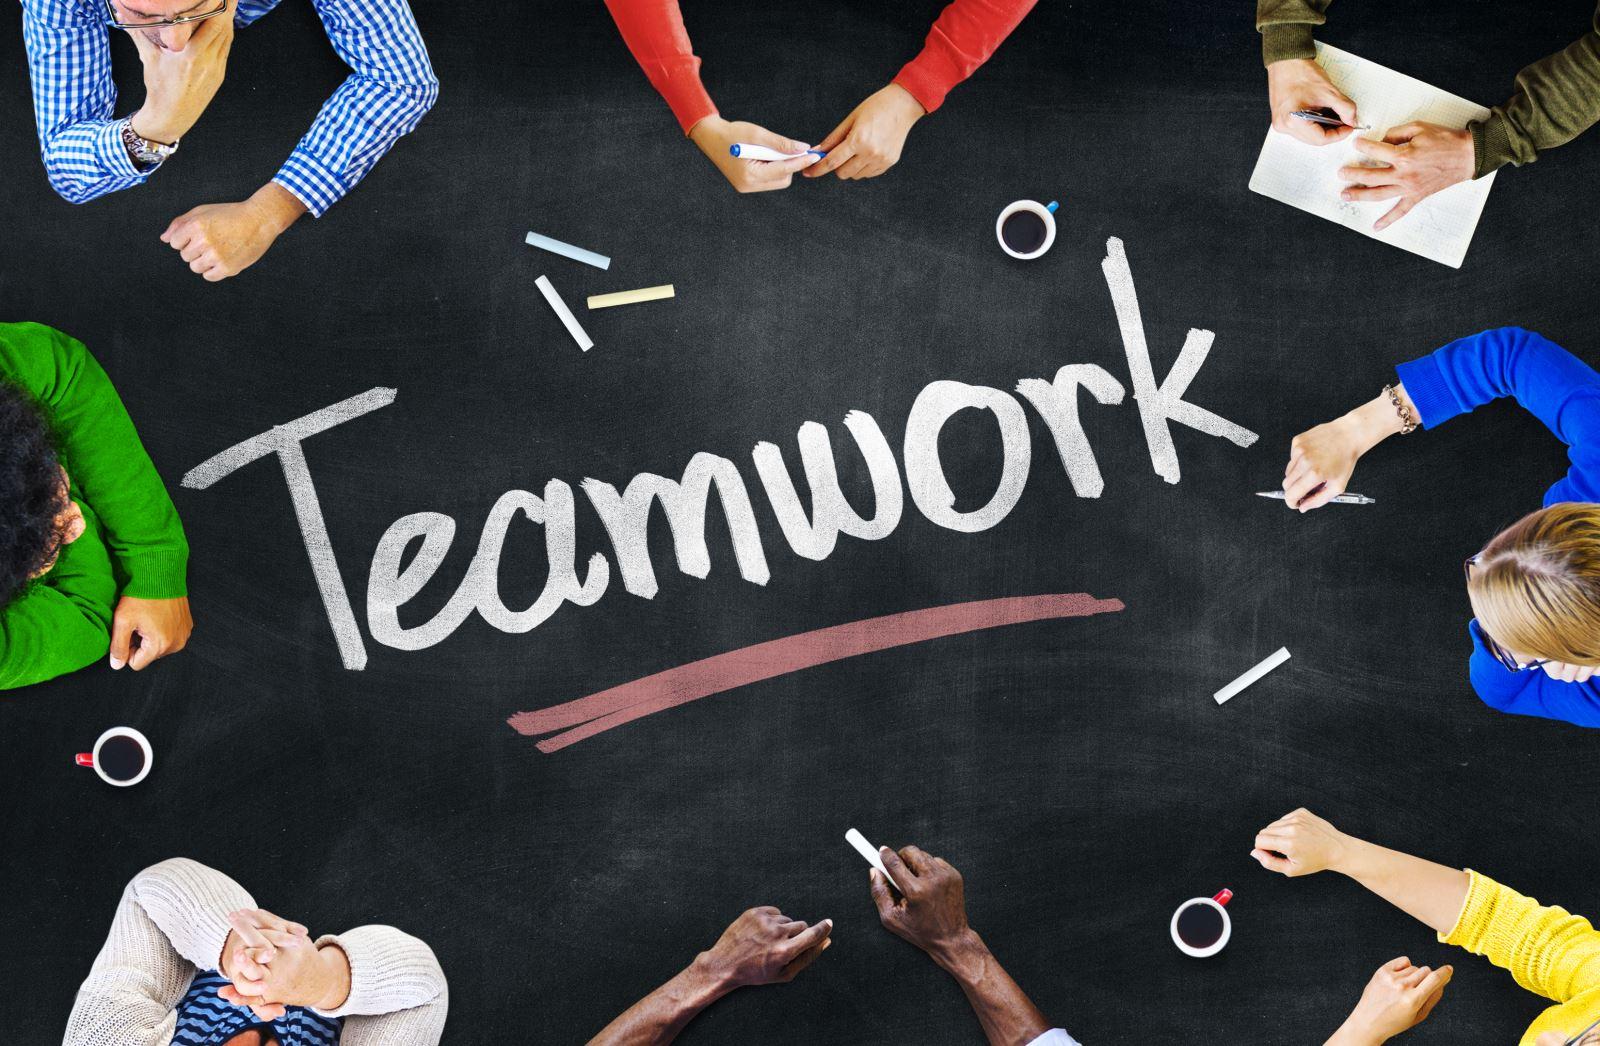 [Khái niệm] Teamwork là gì? Những kỹ năng cần có trong teamwork – 2021